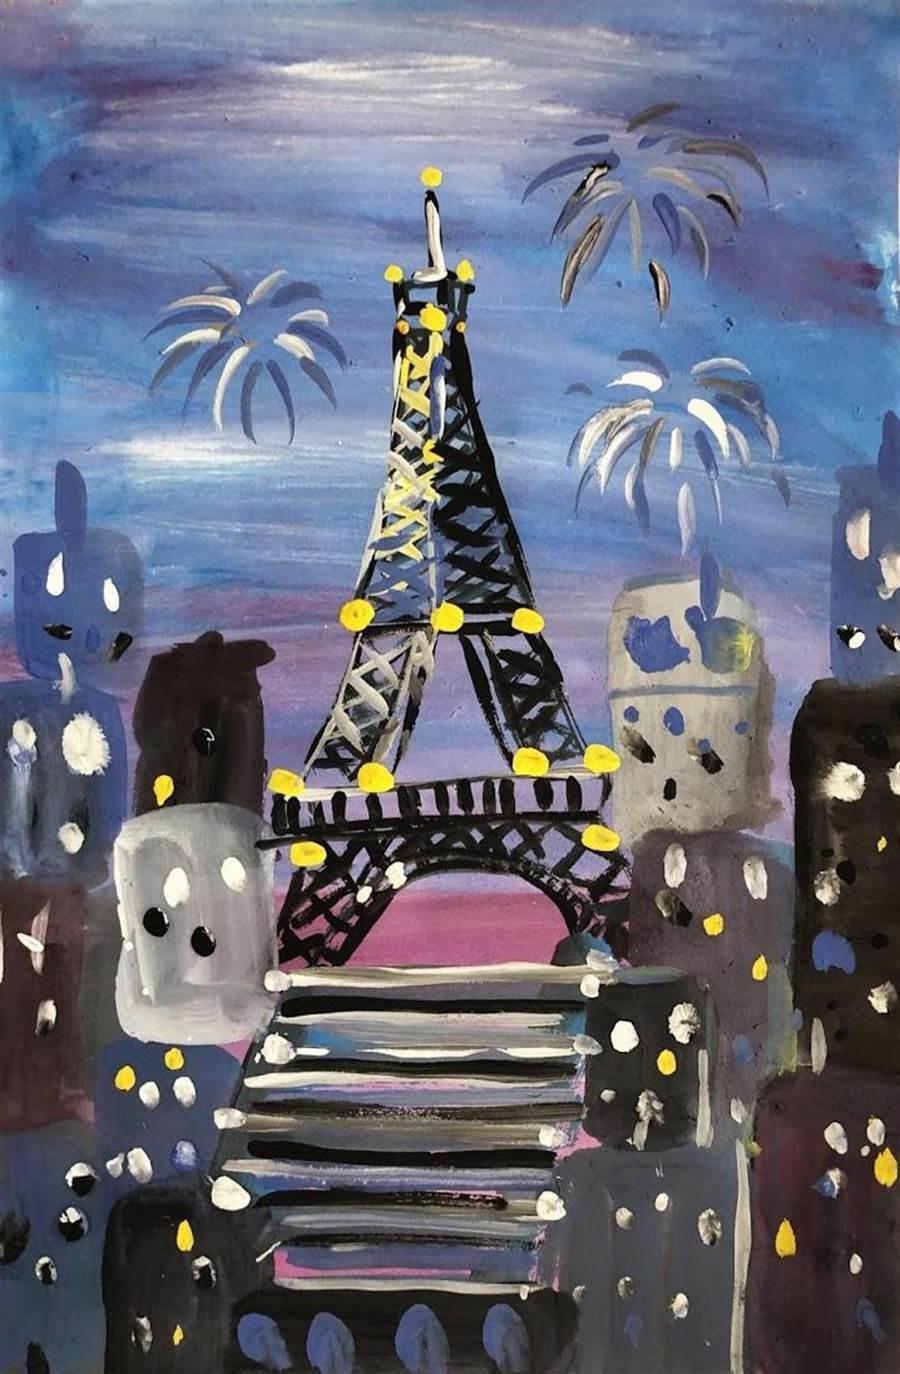 林奈美的作品包羅萬象,近期畫了巴黎鐵塔等外國知名地標。(程彩玲提供)